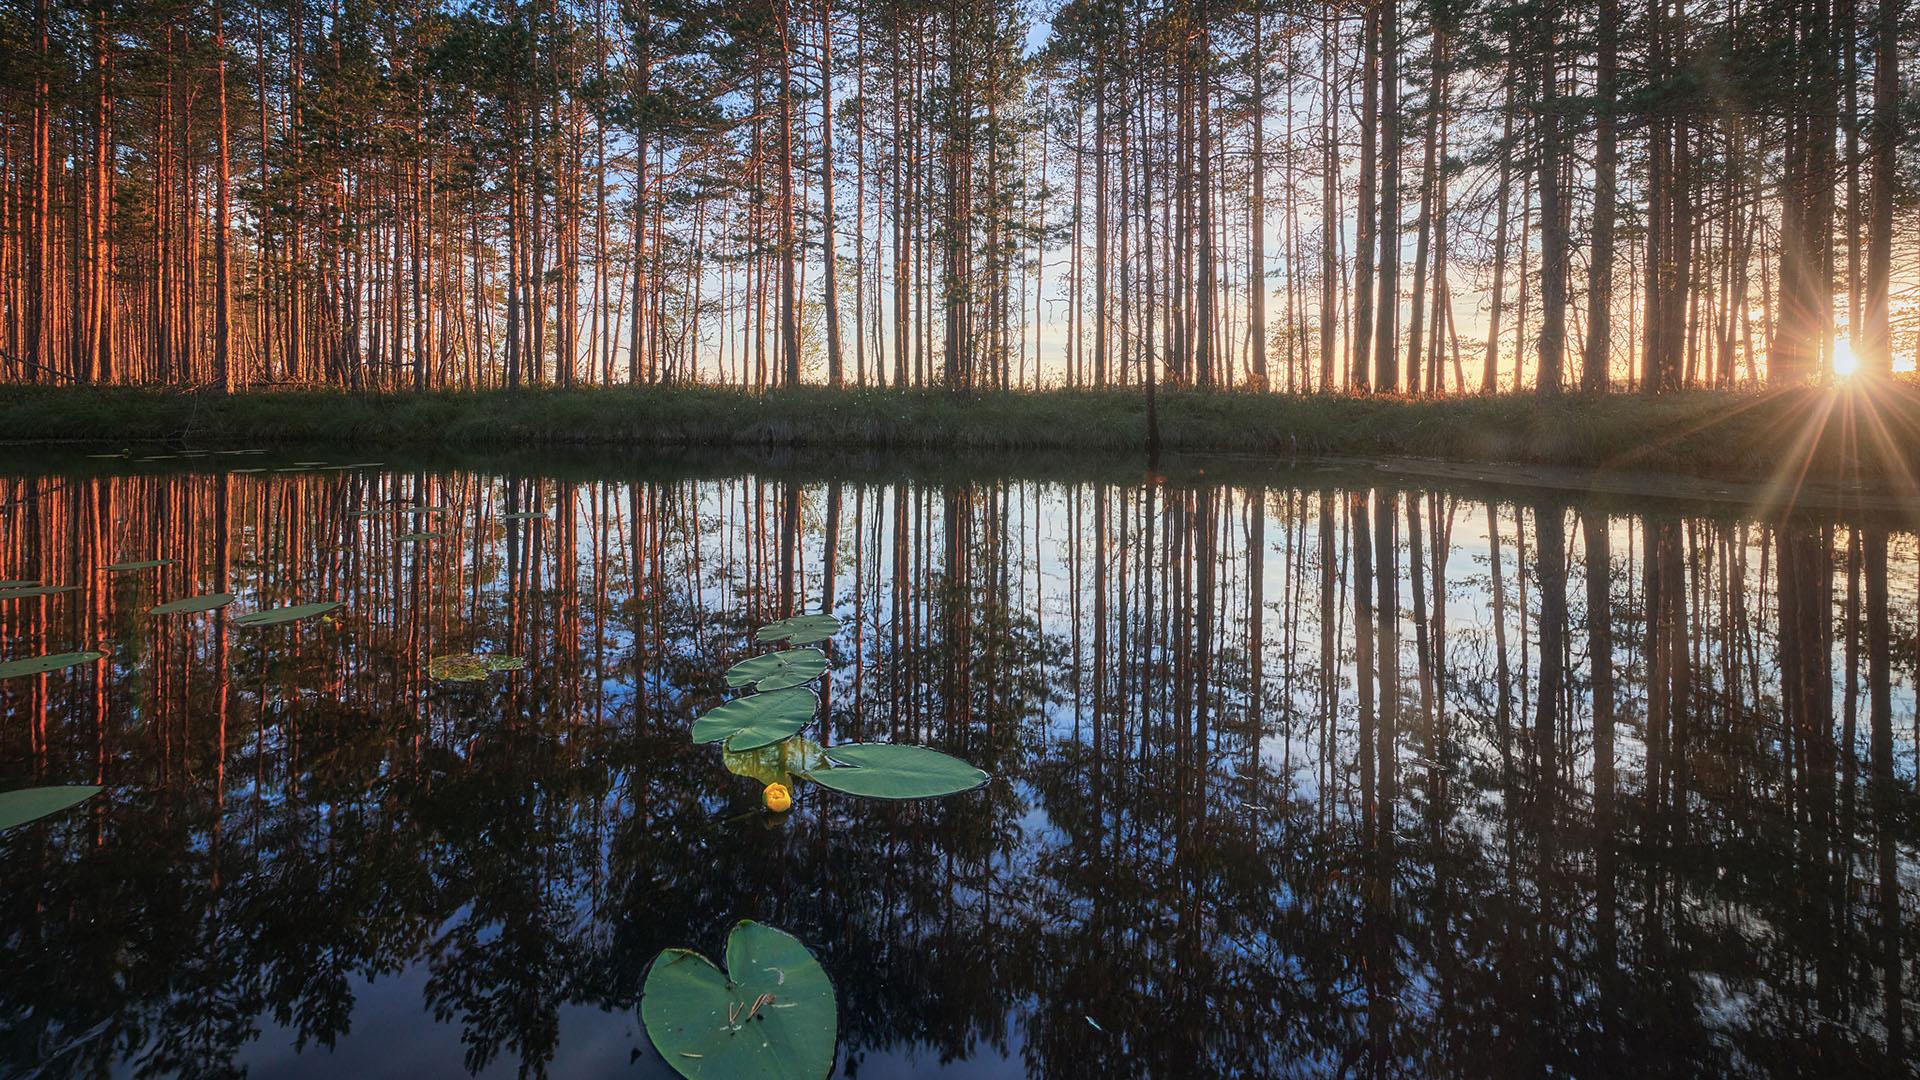 风景大片,炎炎夏日,树林,日出,倒影,荷叶,池塘